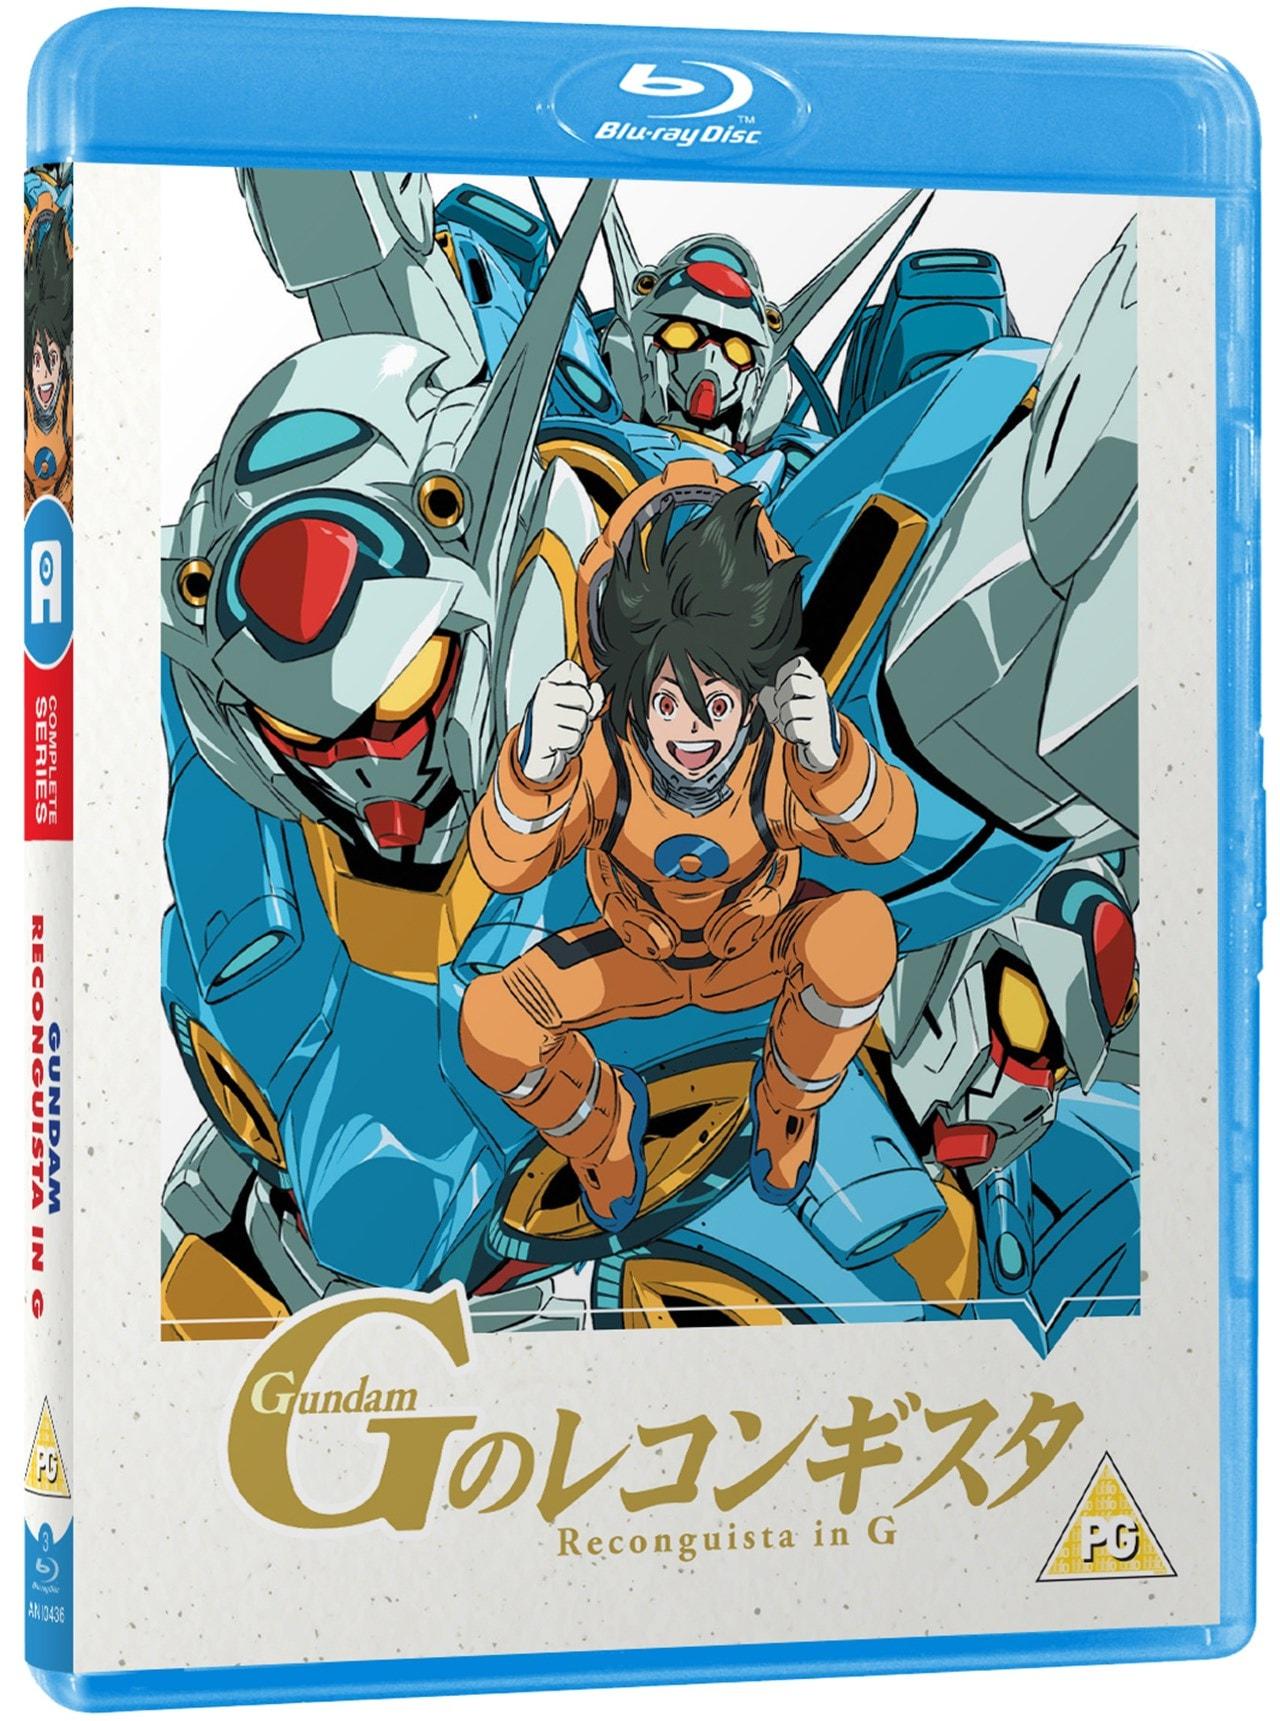 Gundam Reconguista in G - 1